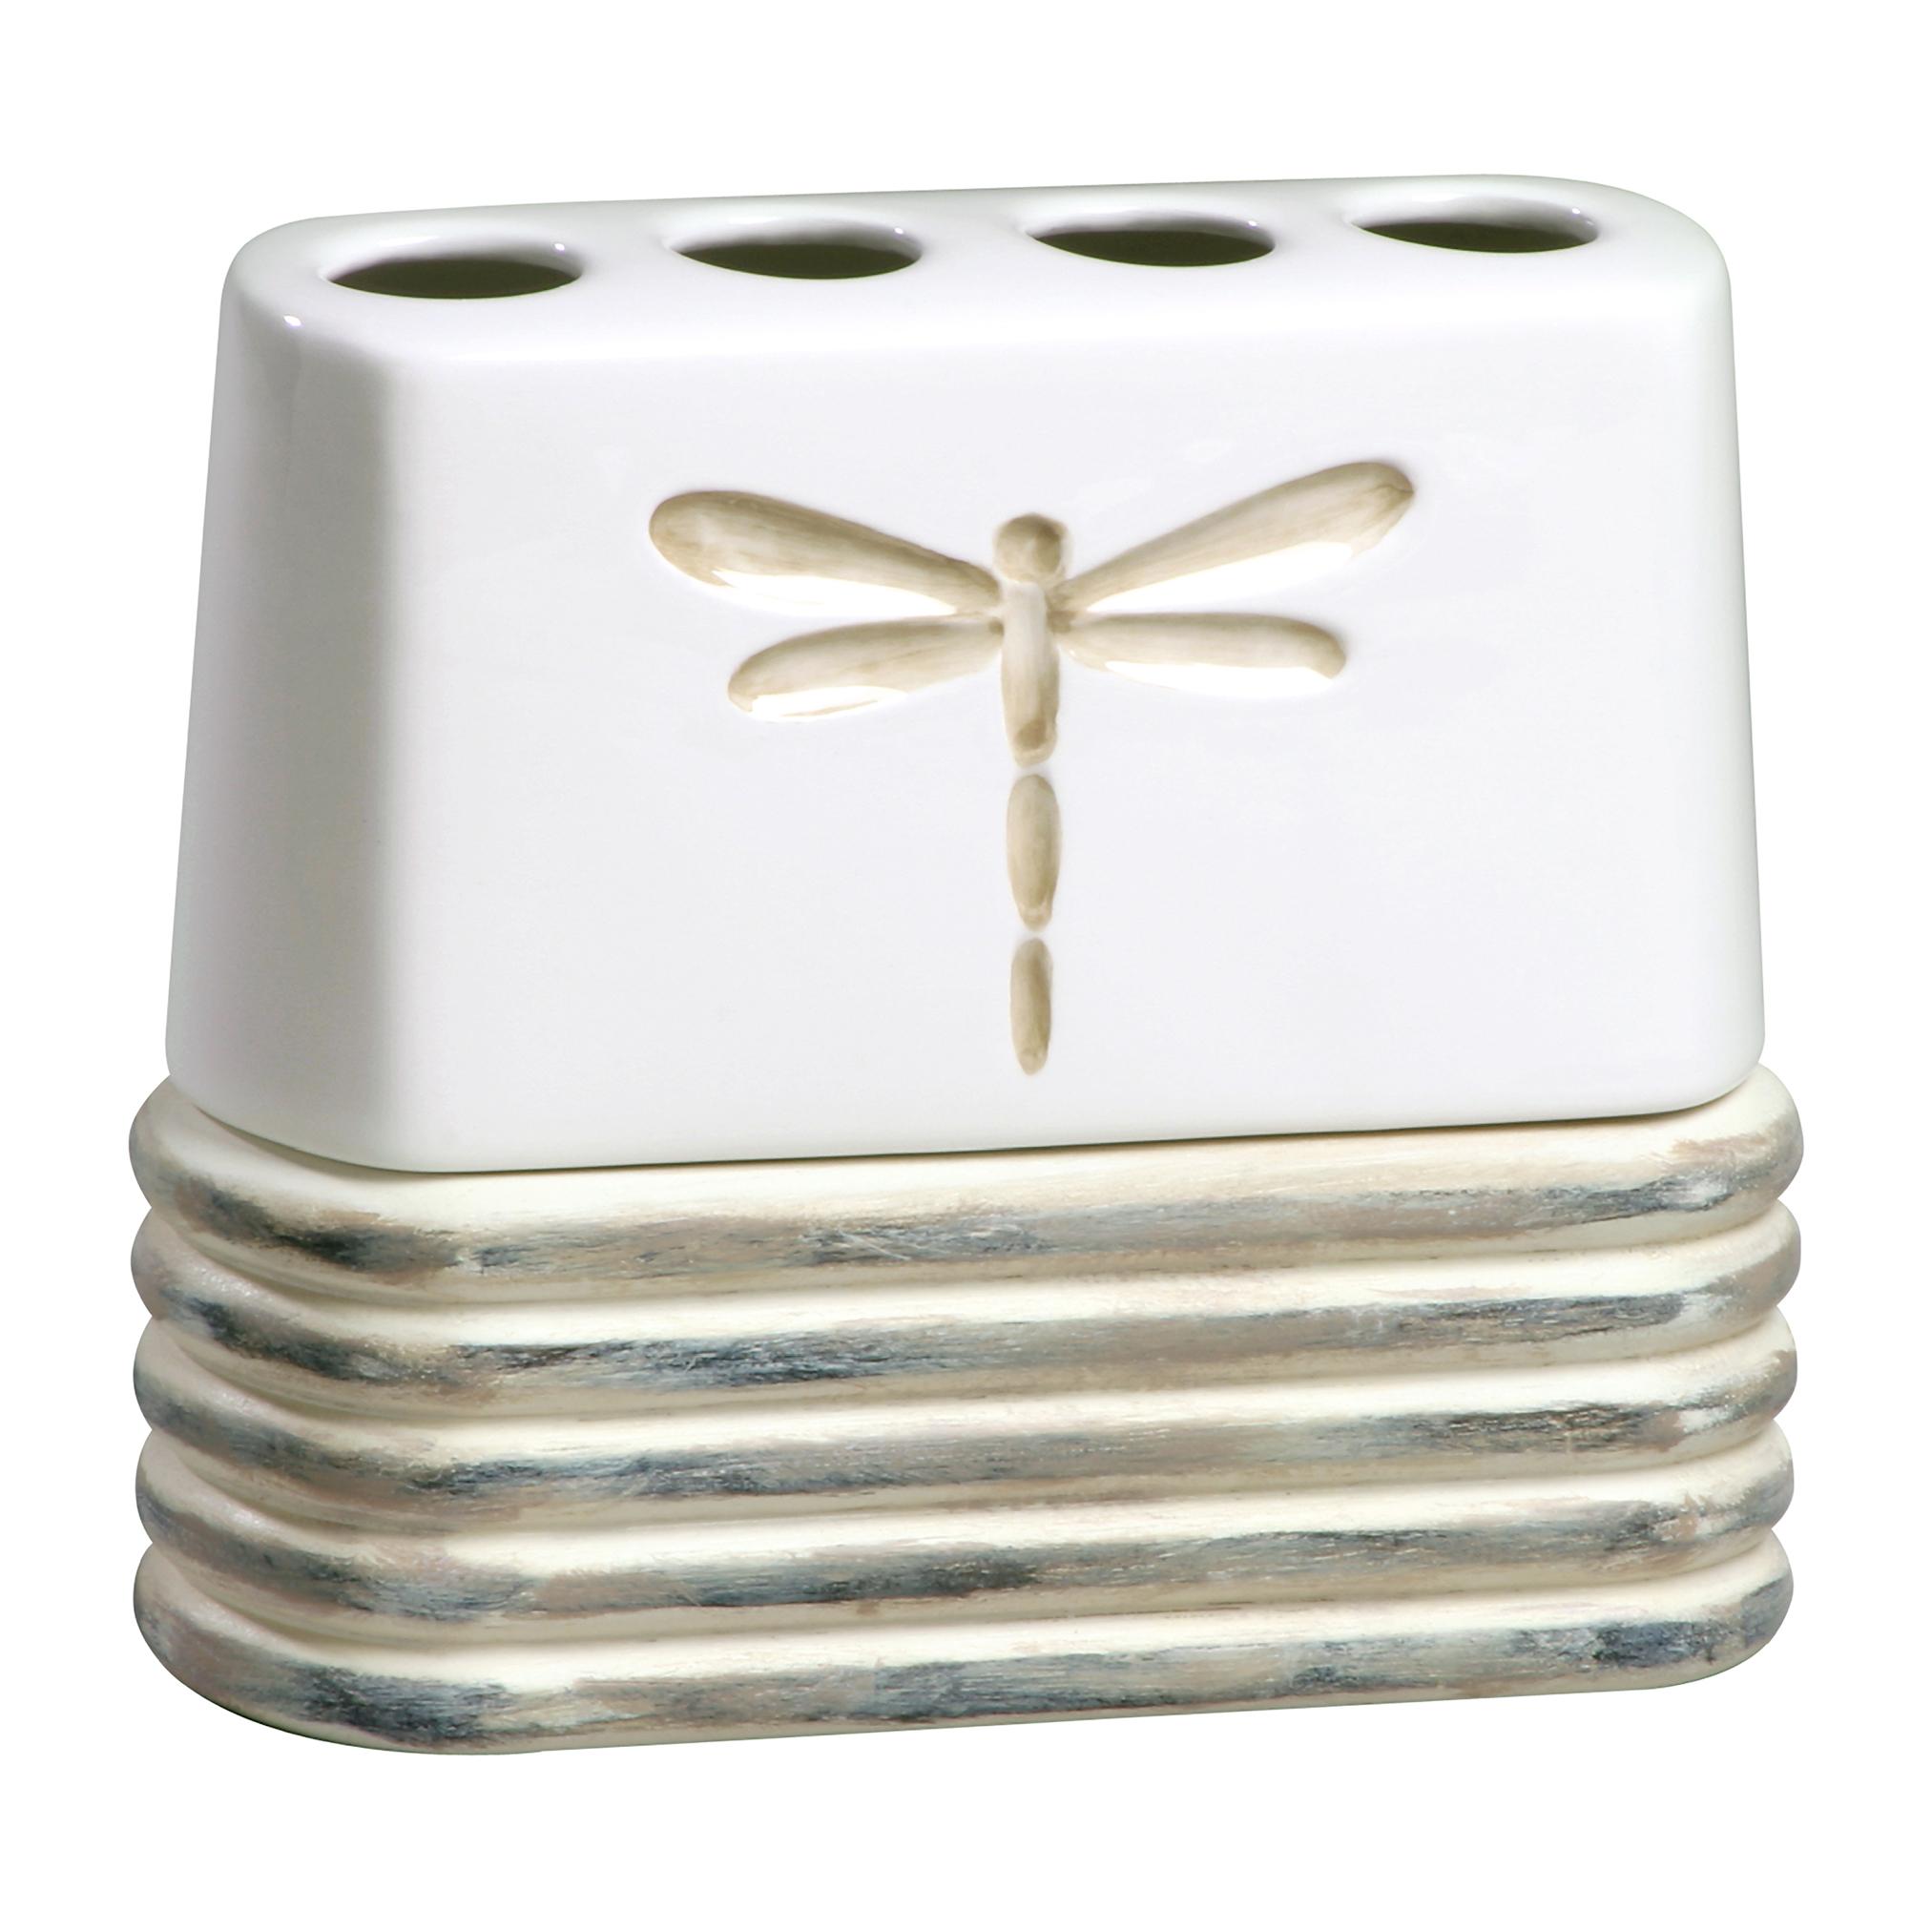 Стакан для ванной комнаты Creative Bath Dragonfly, белый, бежевыйDGF60NATУже более 40 лет компания Creative Bath является лидером рынка в дизайне и изготовлении декоративных изделий для ванной комнаты и дома. Продукты компании отличает тонкий вкус и современный инновационный дизайн. В мире современных изделий для дома продукцию отличает интересный дизайн и постоянное стремление к усовершенствованию. Качество, изысканный вкус и уникальное понимание рынка, все в совокупности делает компанию лидером в своей области.